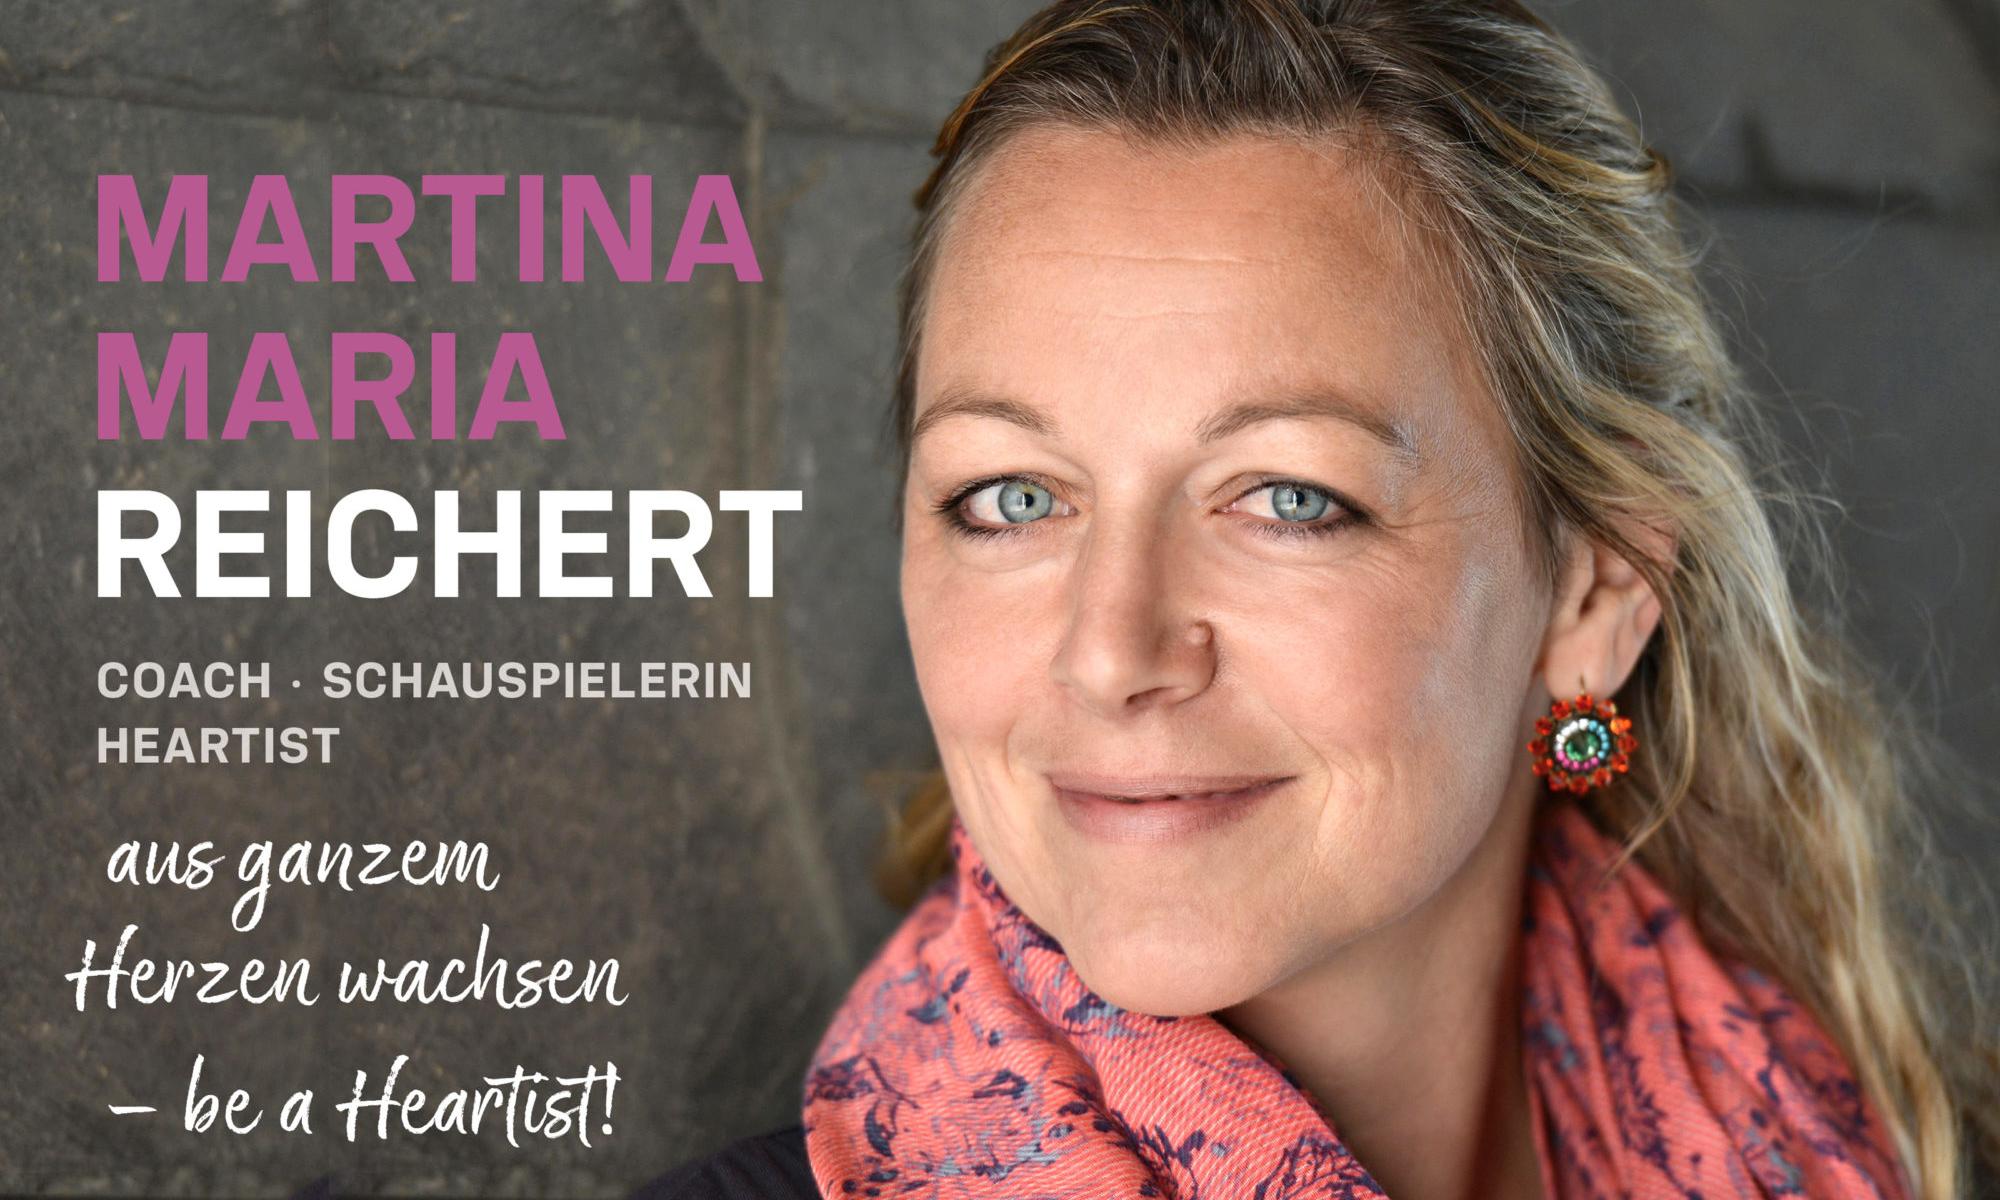 Martina Maria Reichert: Coach, Künstlerin, Friedensaktivistin  - Datenschutz